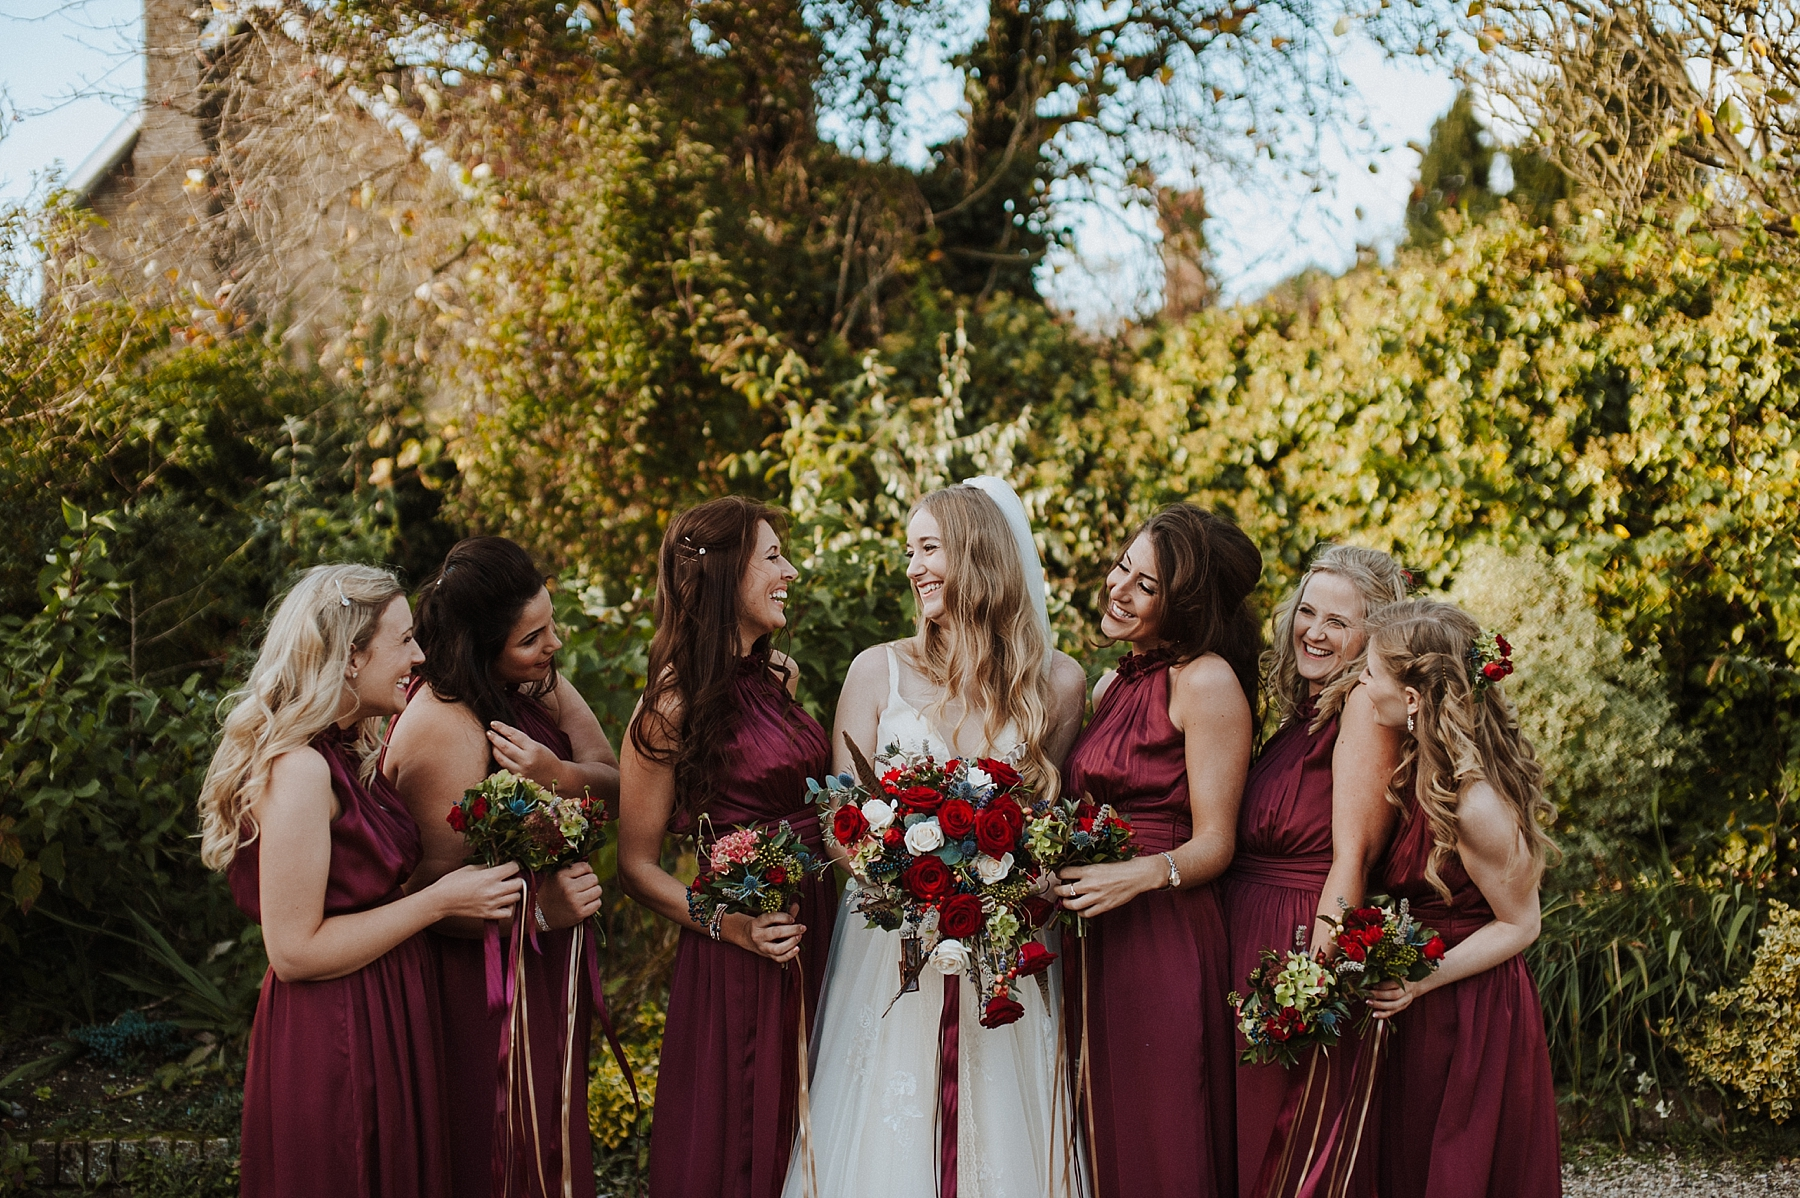 how do I become a wedding photographer